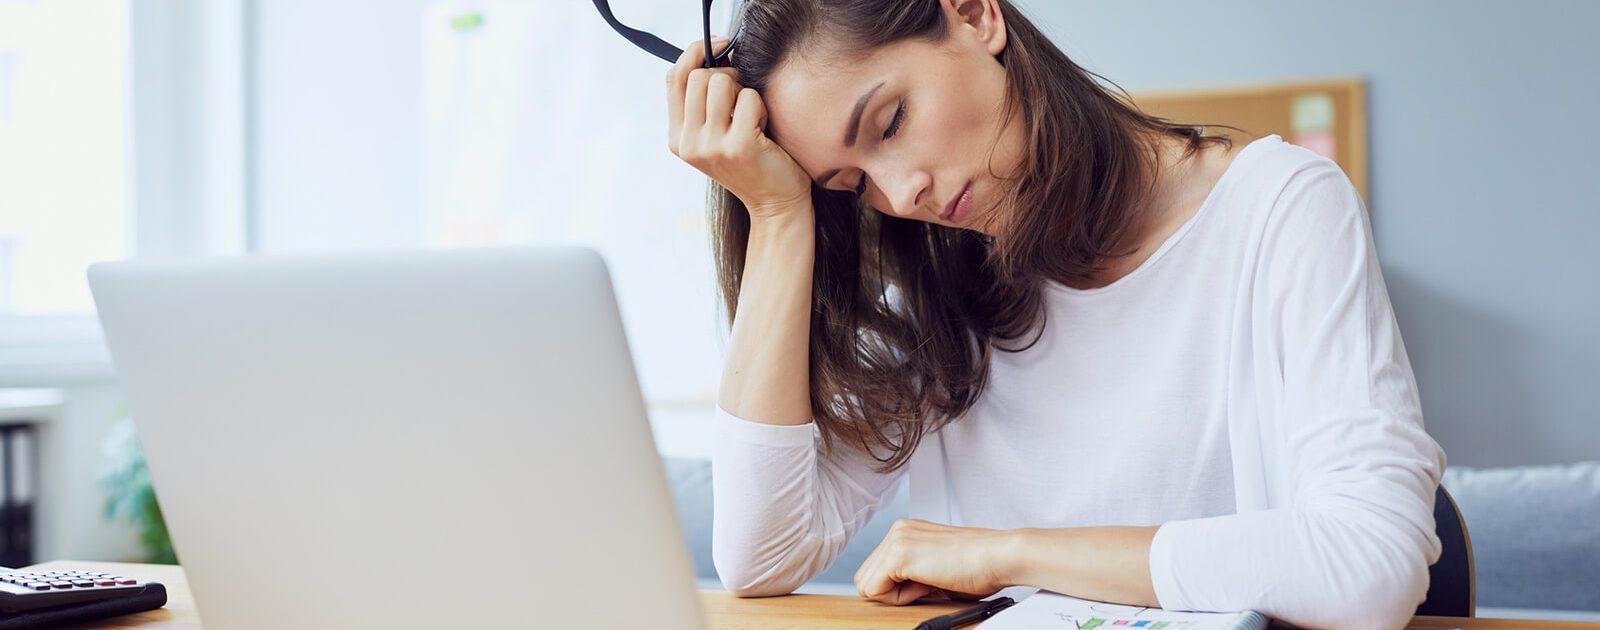 Eine Frau schläft aufgrund eines Vitamin B12-Mangels bei der Arbeit ein.